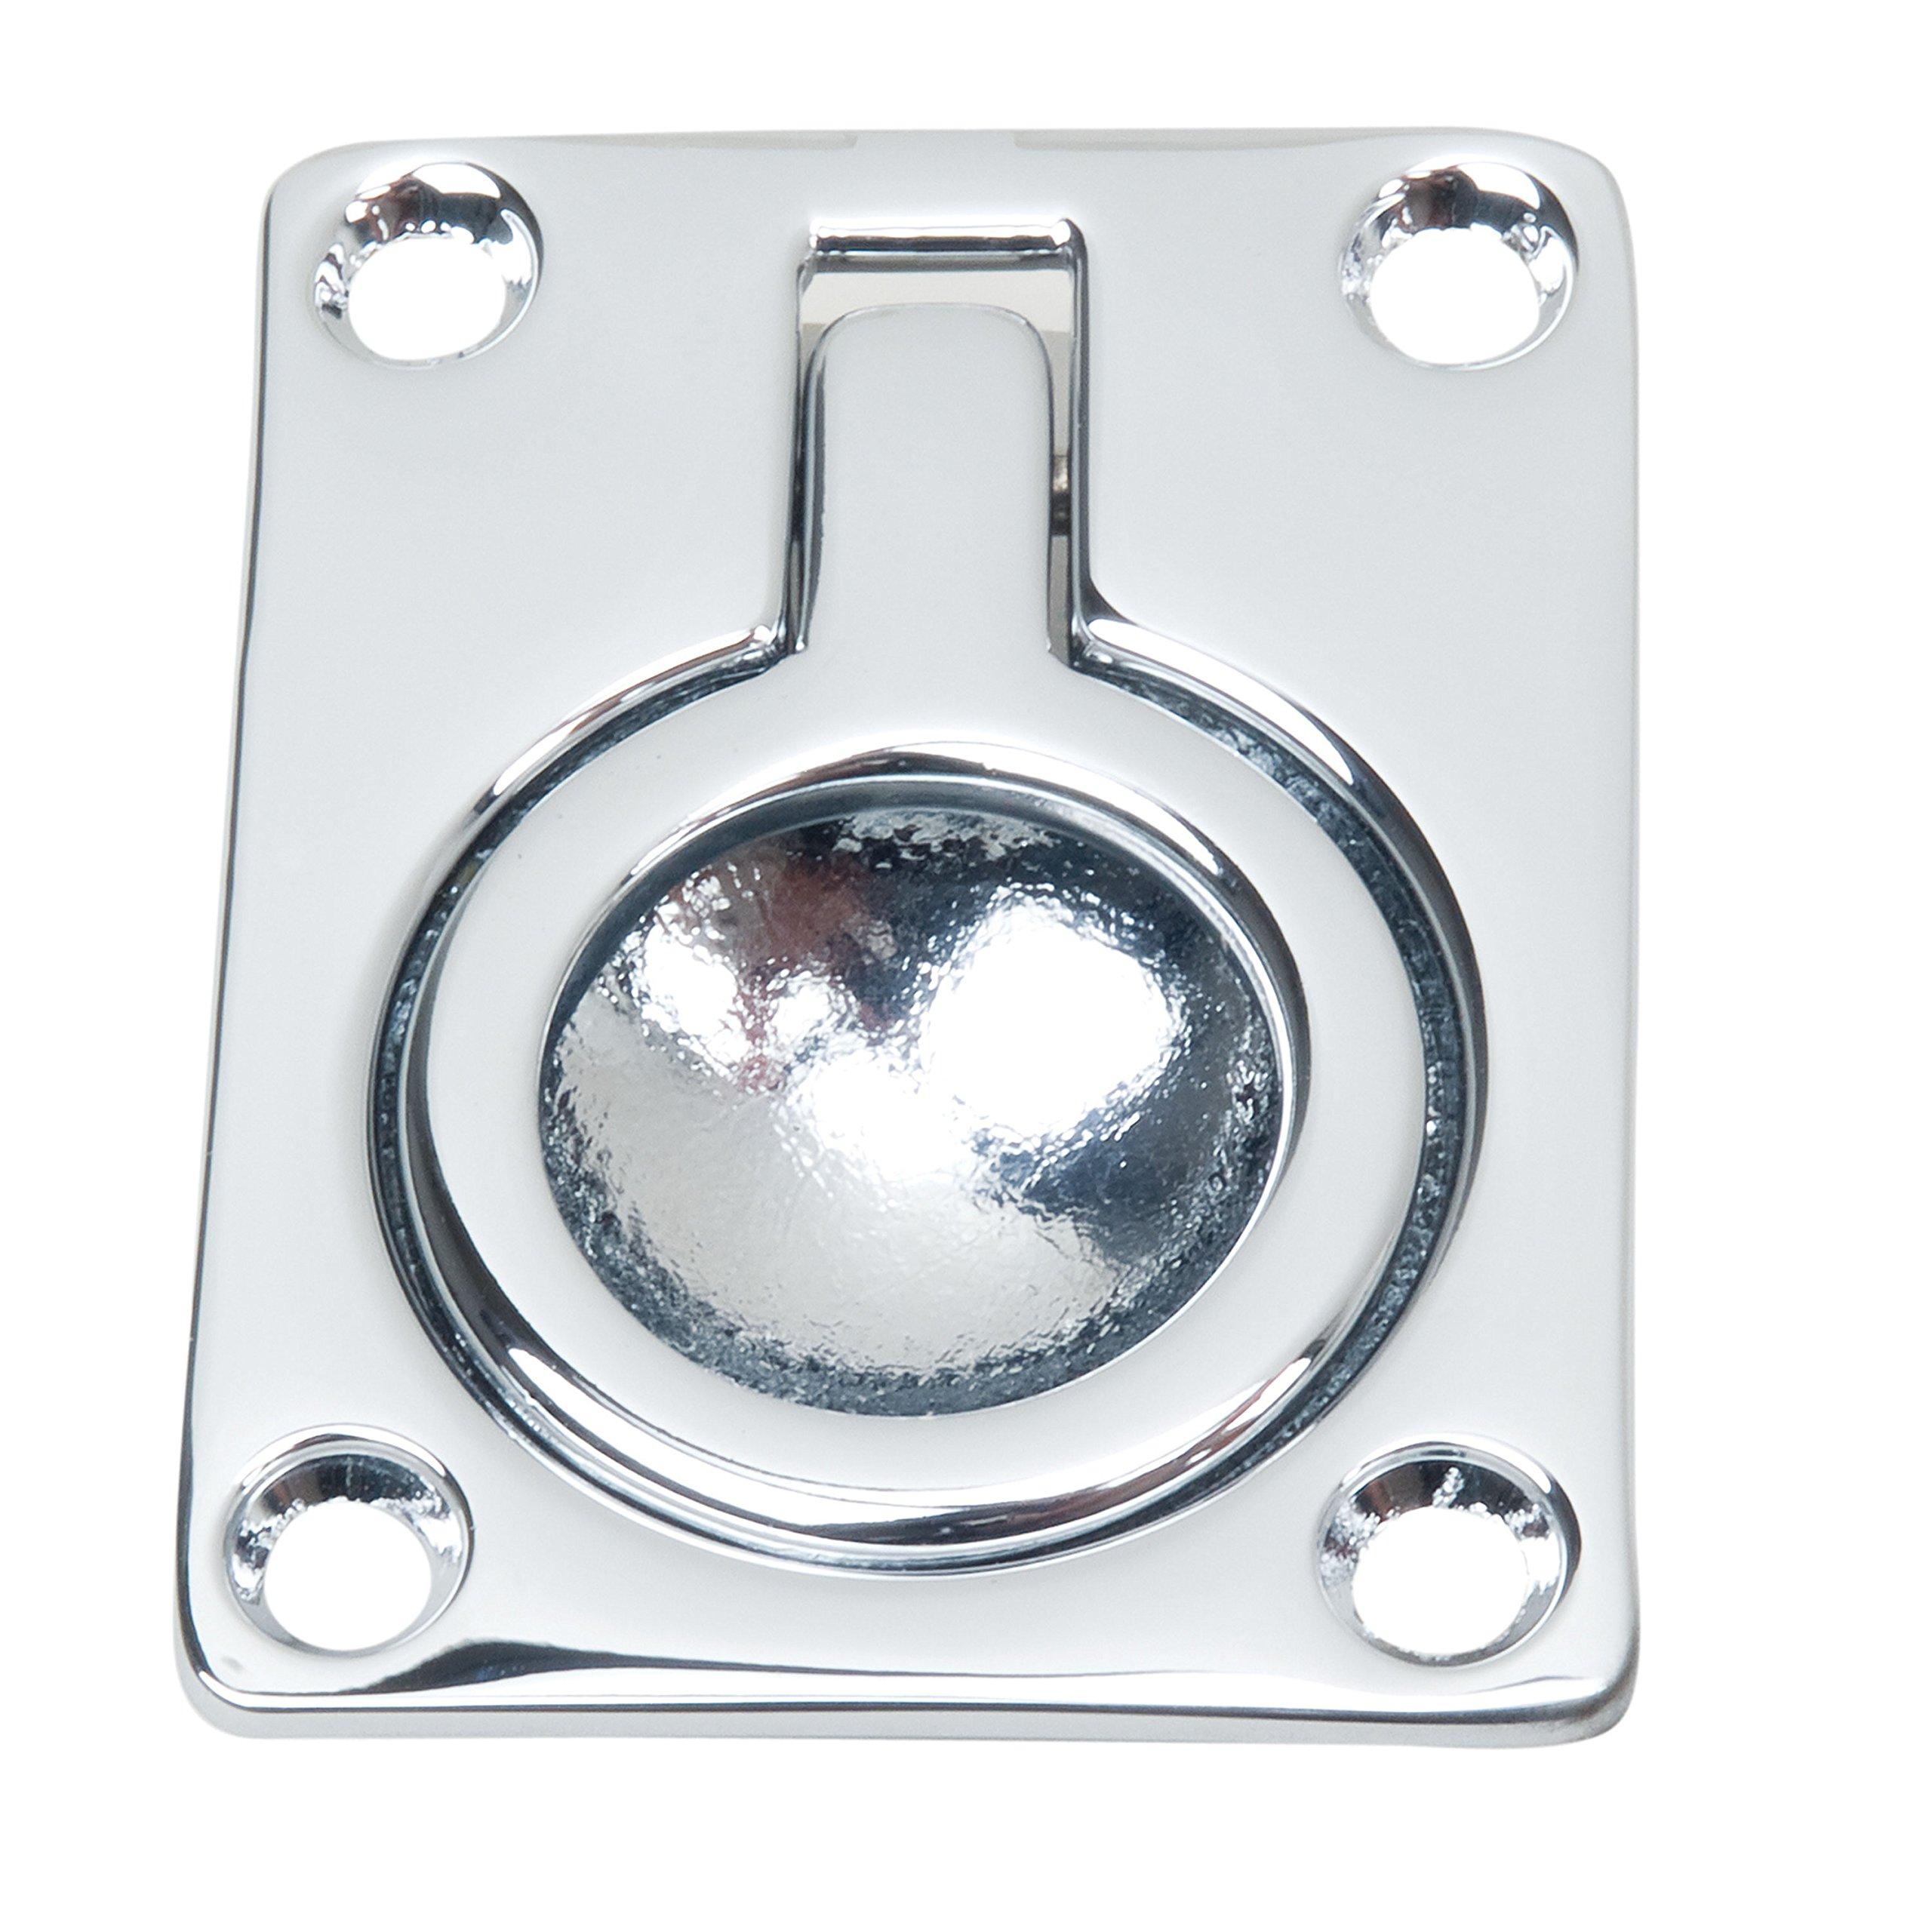 Perko 1103DP0CHR Flush Ring Pull